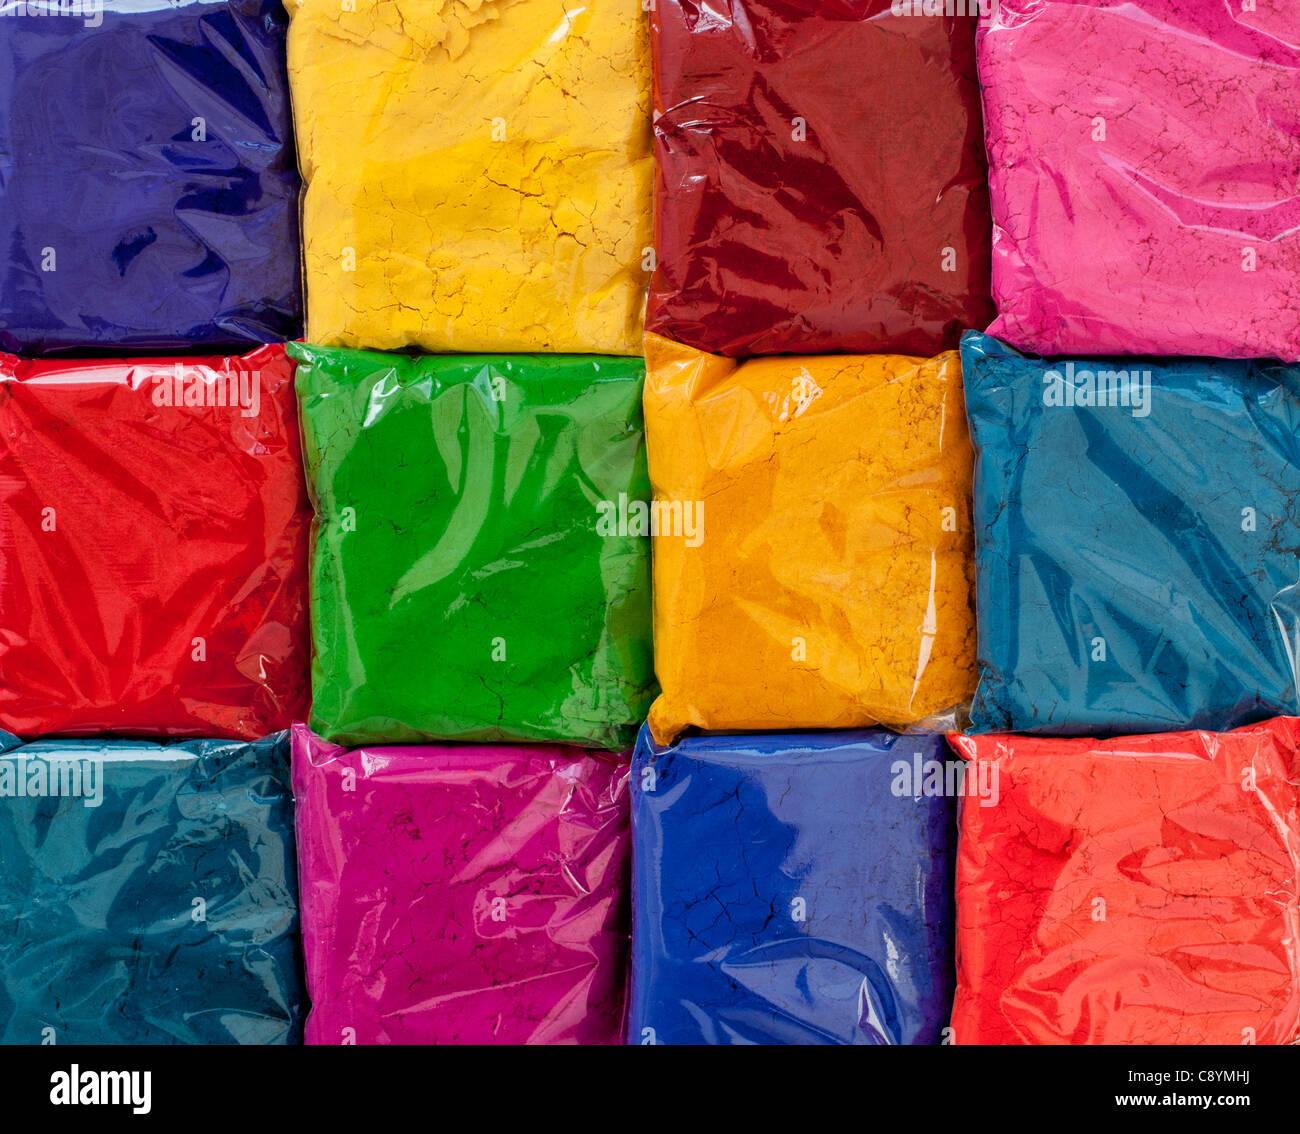 Sacchetti di Indian polvere colorata utilizzata per amking rangoli di progetti su strada. India Immagini Stock